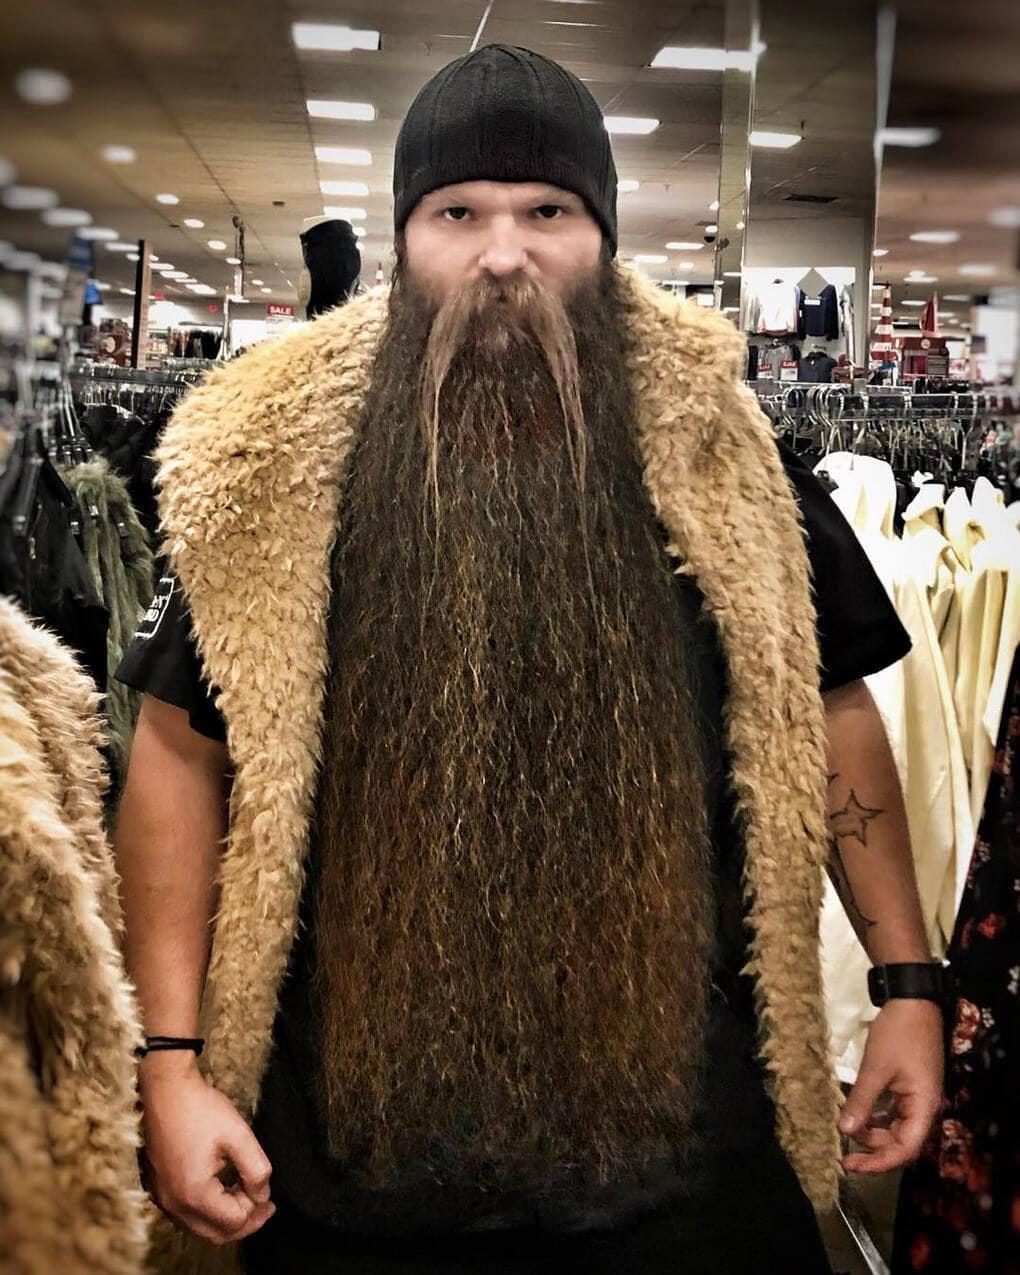 43675269 185036959002113 4439405667670504377 n - Американец хотел бороду, чтобы быть пиратом. Но переборщил, и теперь у него Бородища с большой буквы